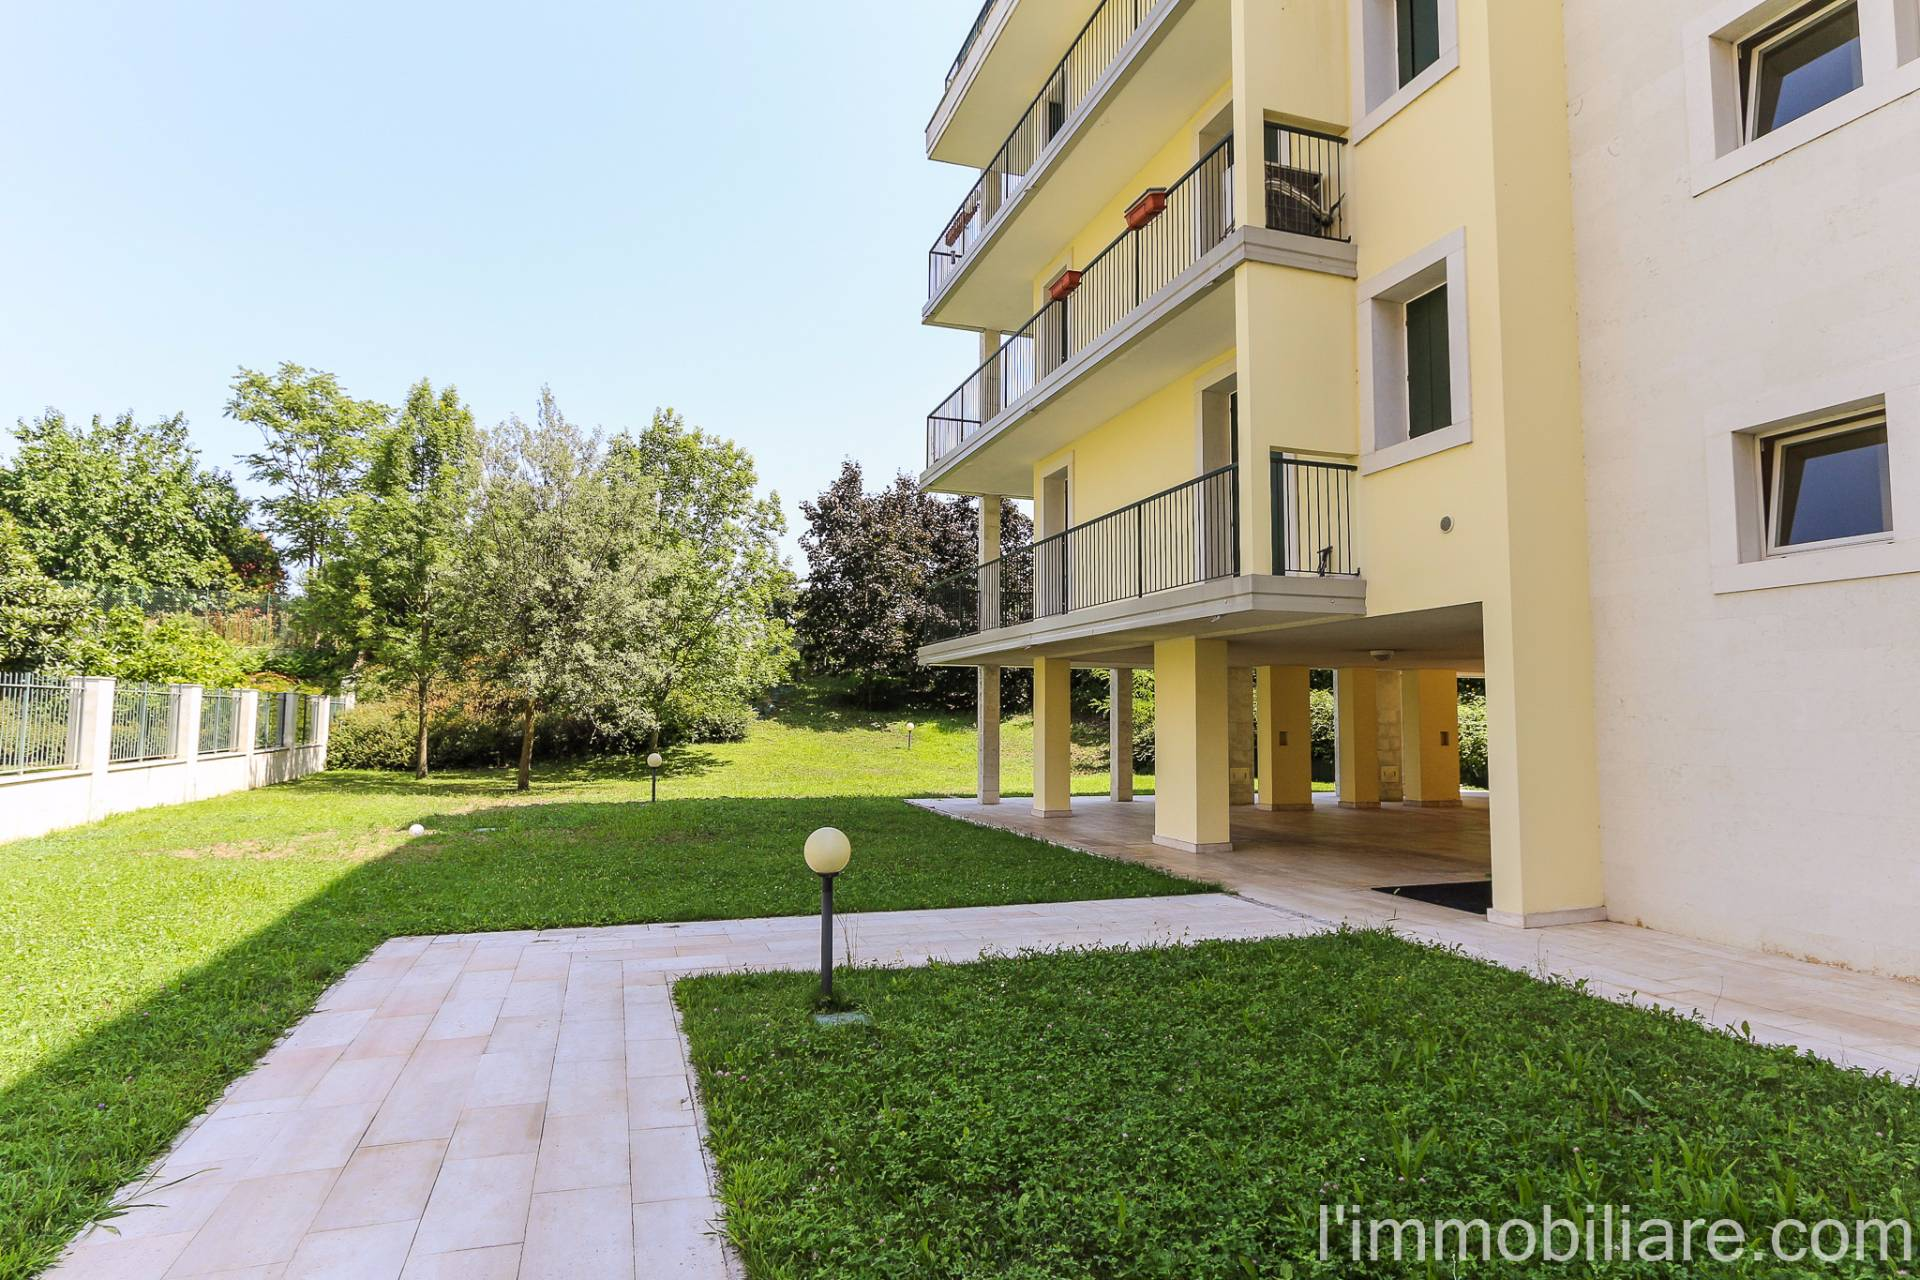 Appartamento in affitto a Verona, 5 locali, zona Località: PonteCrencano, prezzo € 1.000 | CambioCasa.it